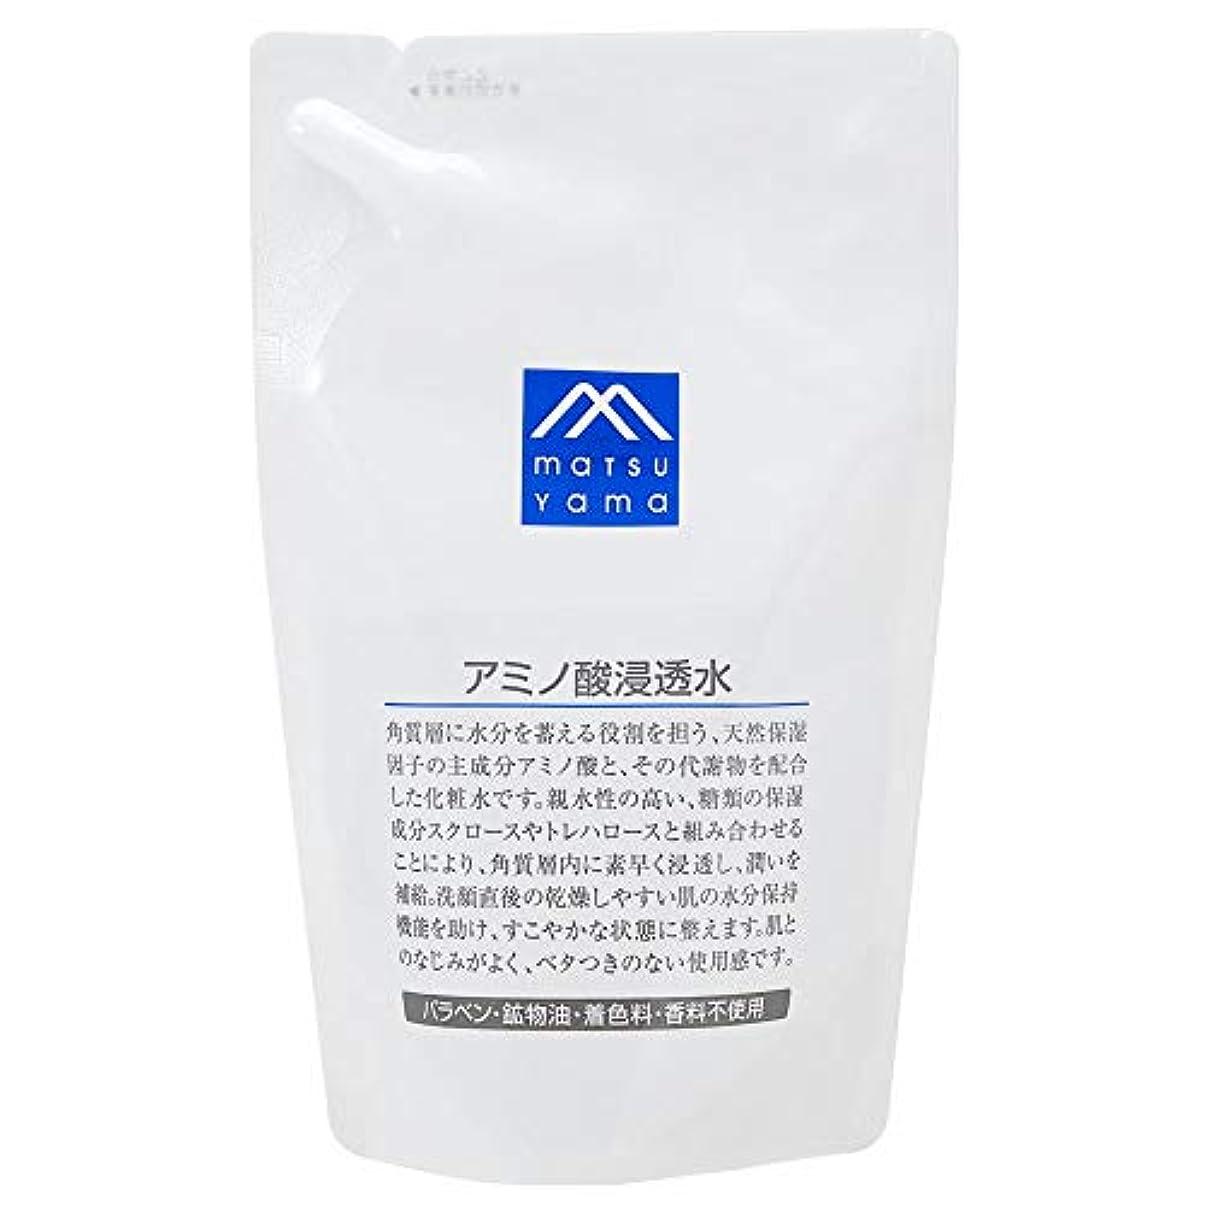 ゴルフ意図する咳Mマーク(M-mark) アミノ酸浸透水 詰替用 化粧水 190mL